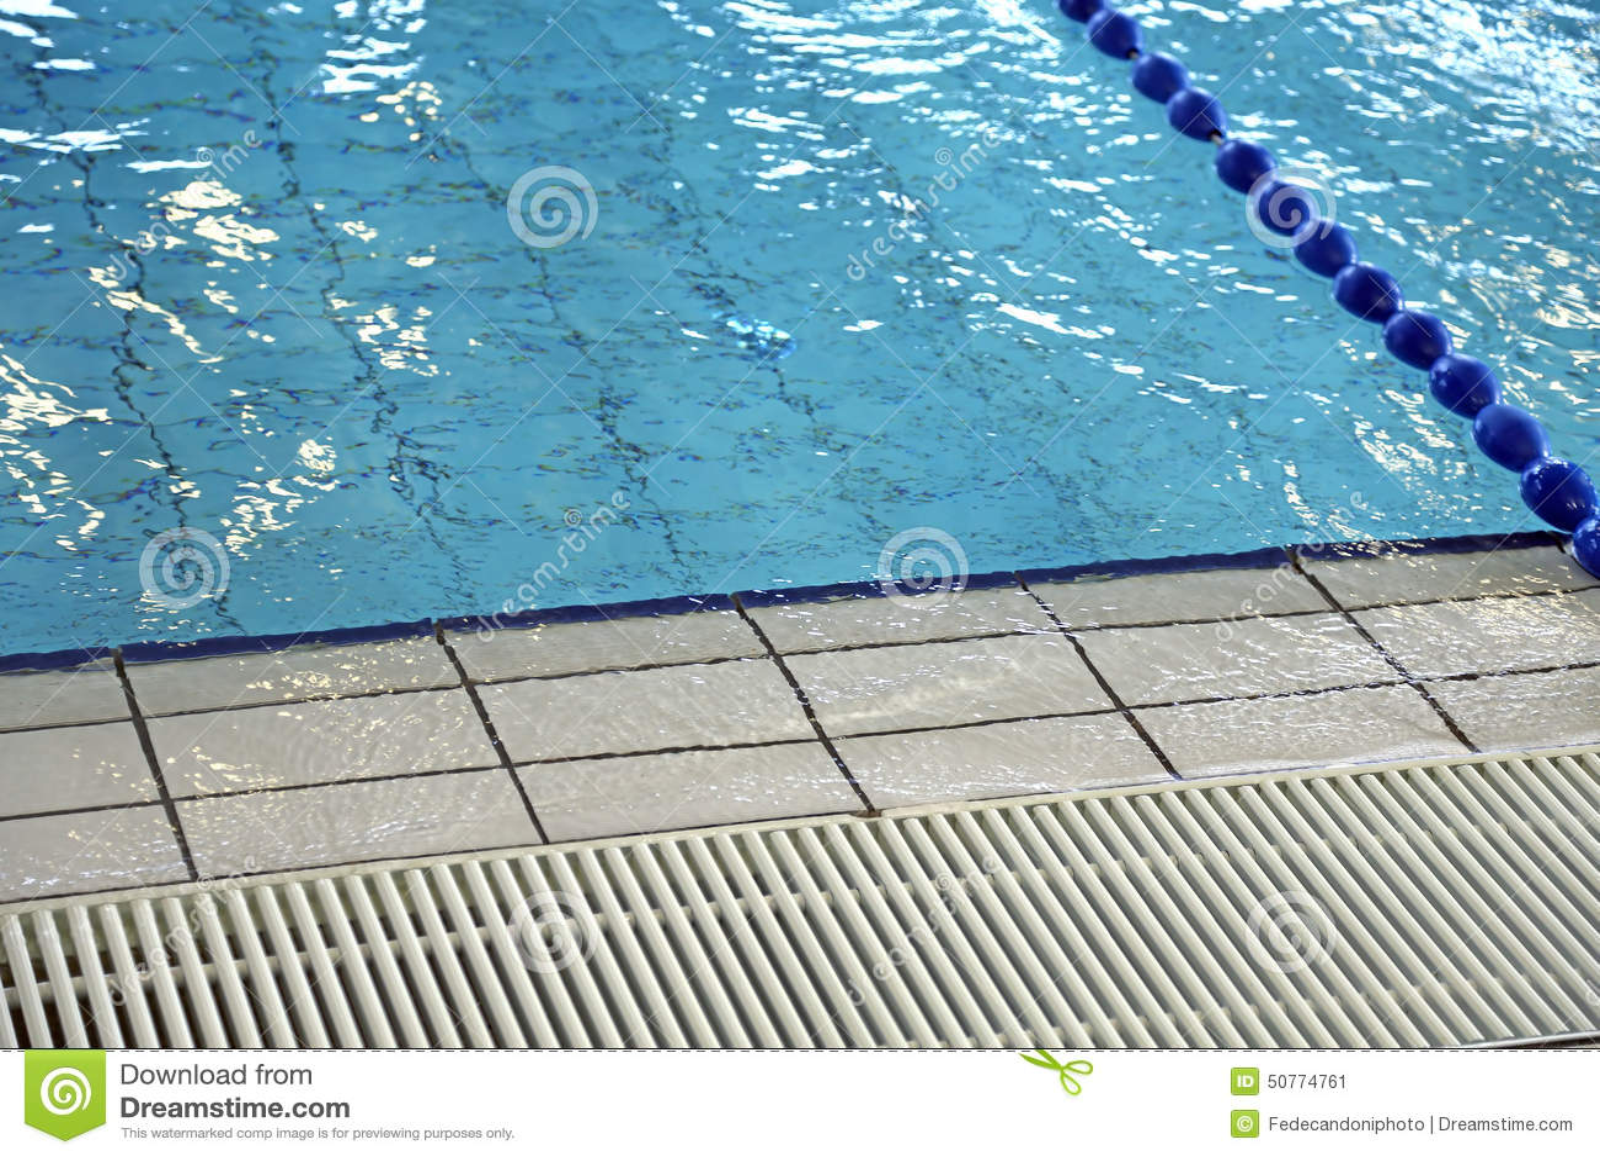 Grille pour la circulation de l 39 eau dans la piscine image for Piscine xs prix